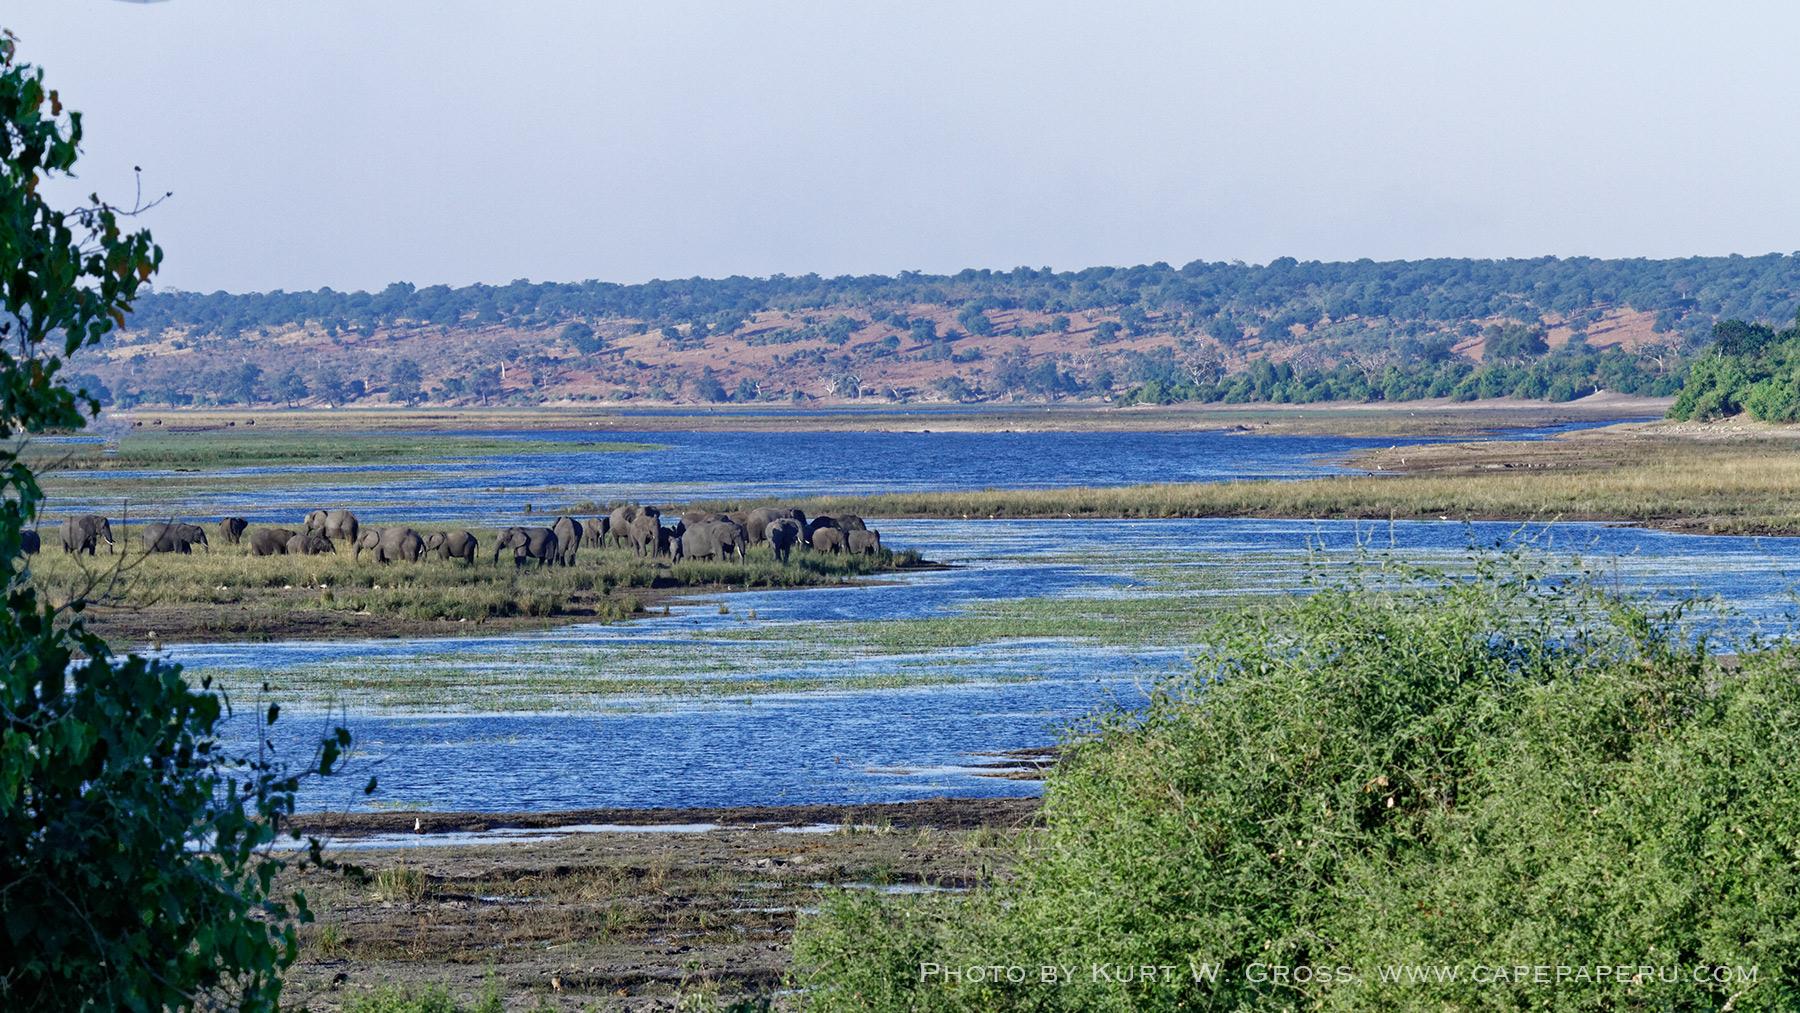 Chobe Nationalpark, Sambesi river, Botswana, Botswana